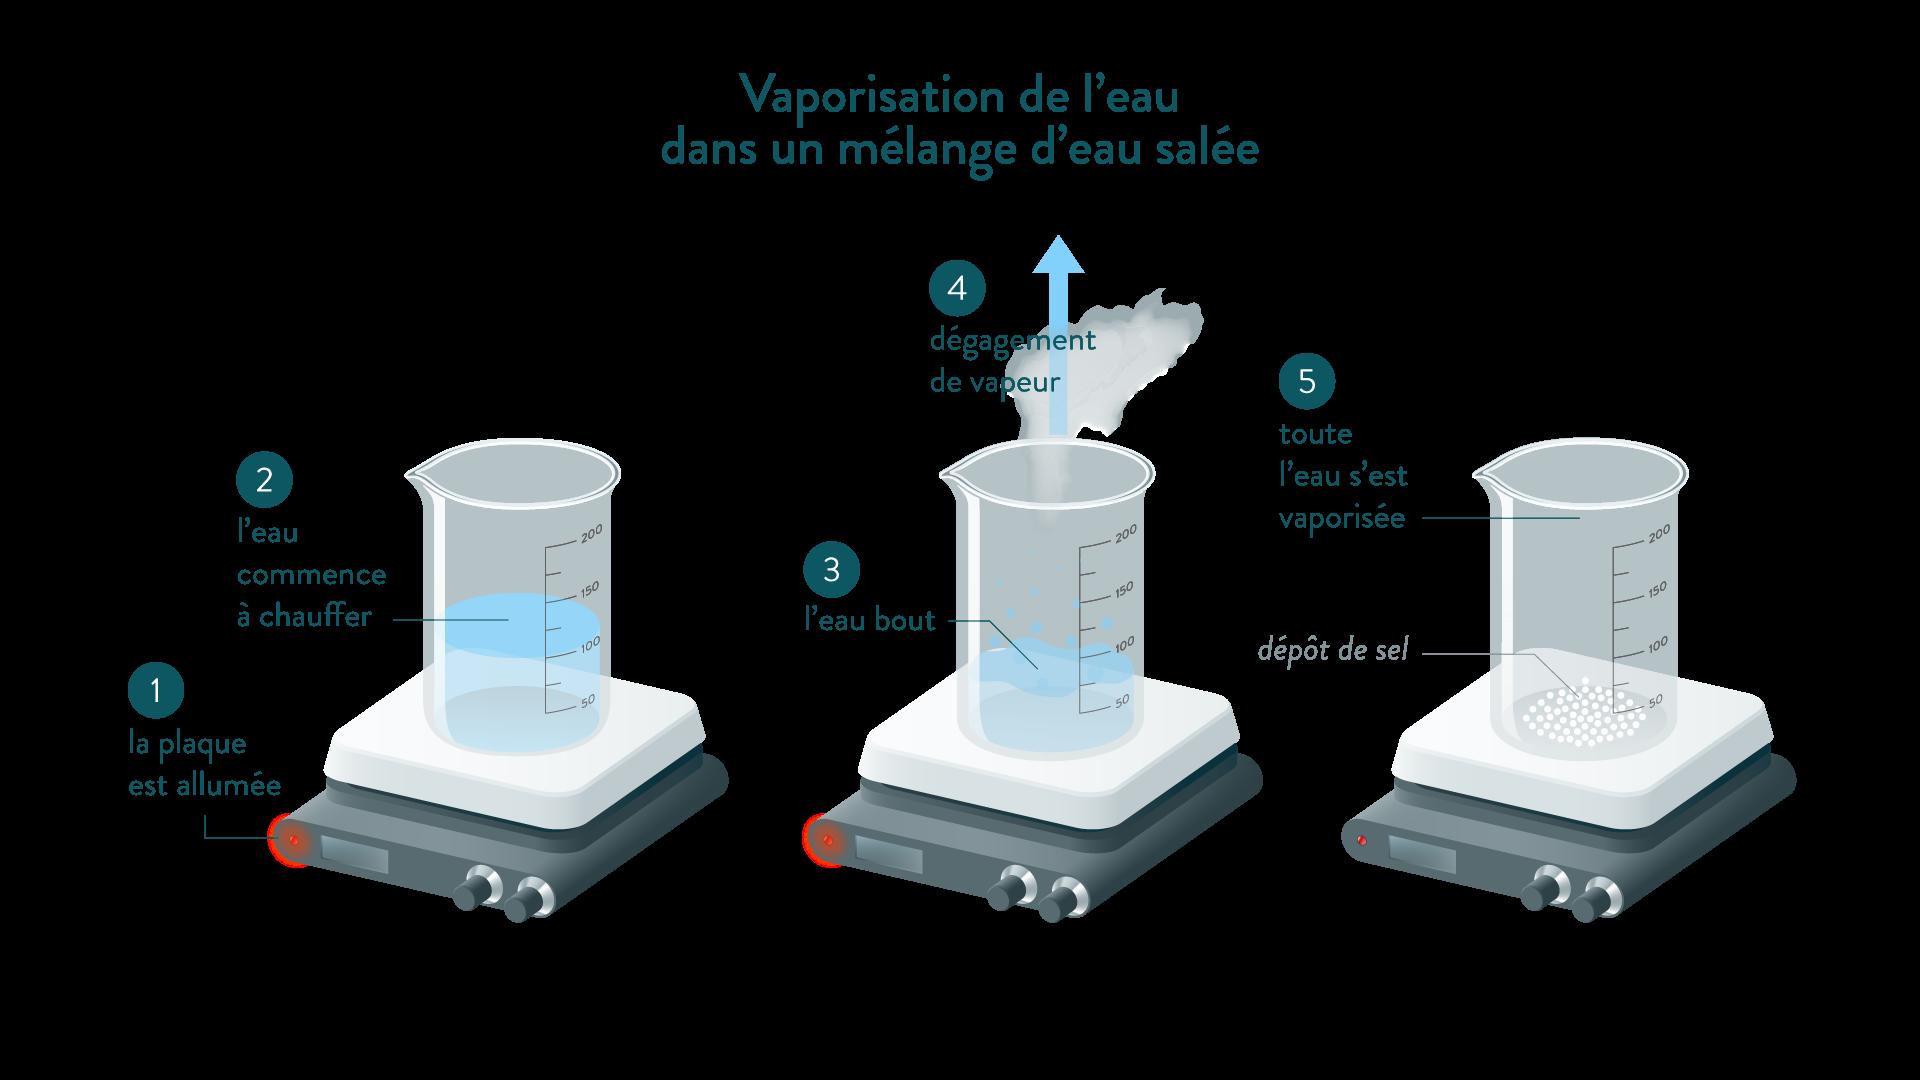 Vaporisation de l'eau dans un mélange d'eau salée physique chimie 6eme schoolmouv